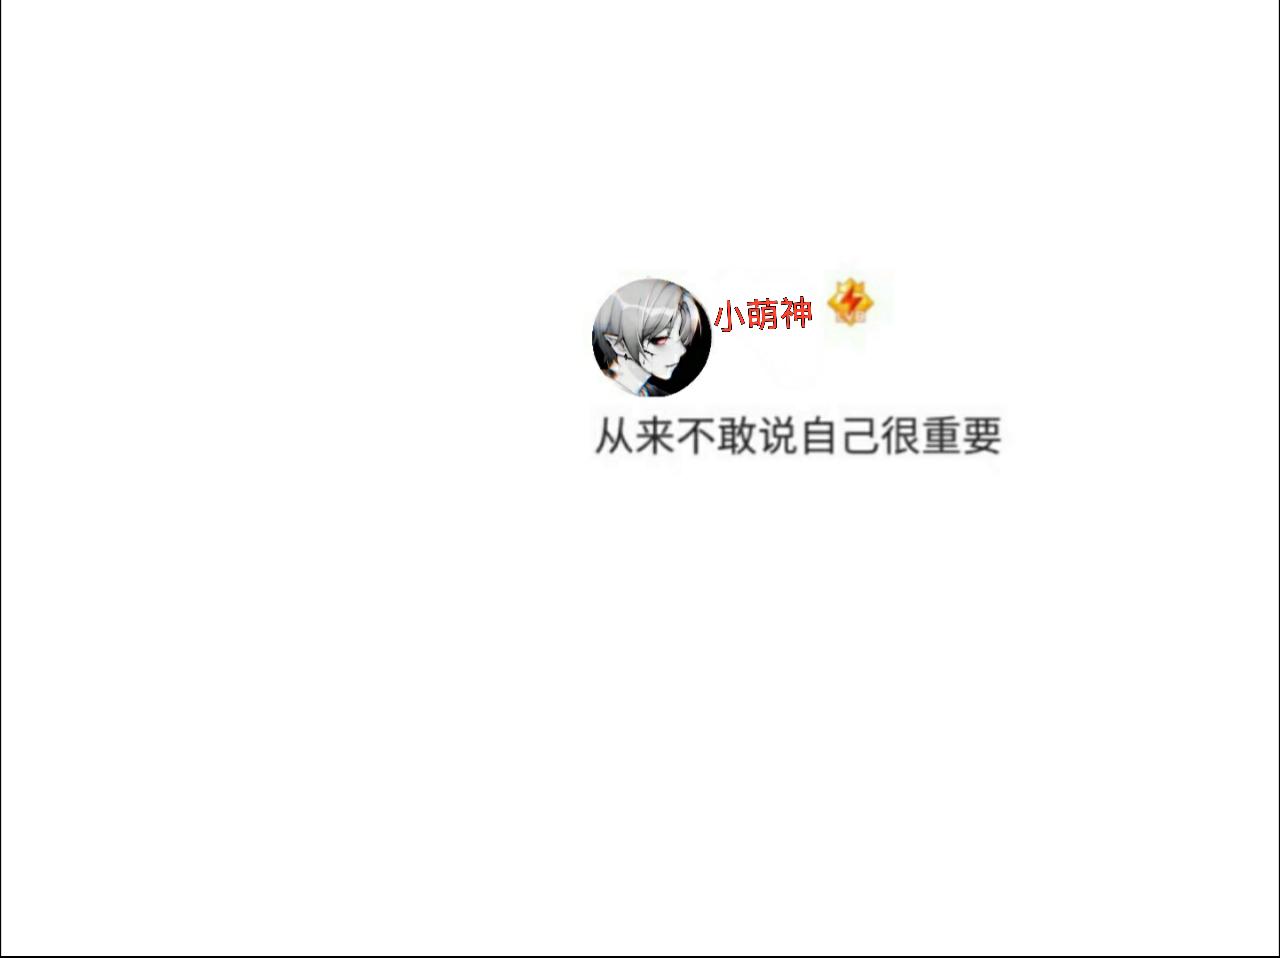 【求助】有葫芦-100tui.cn